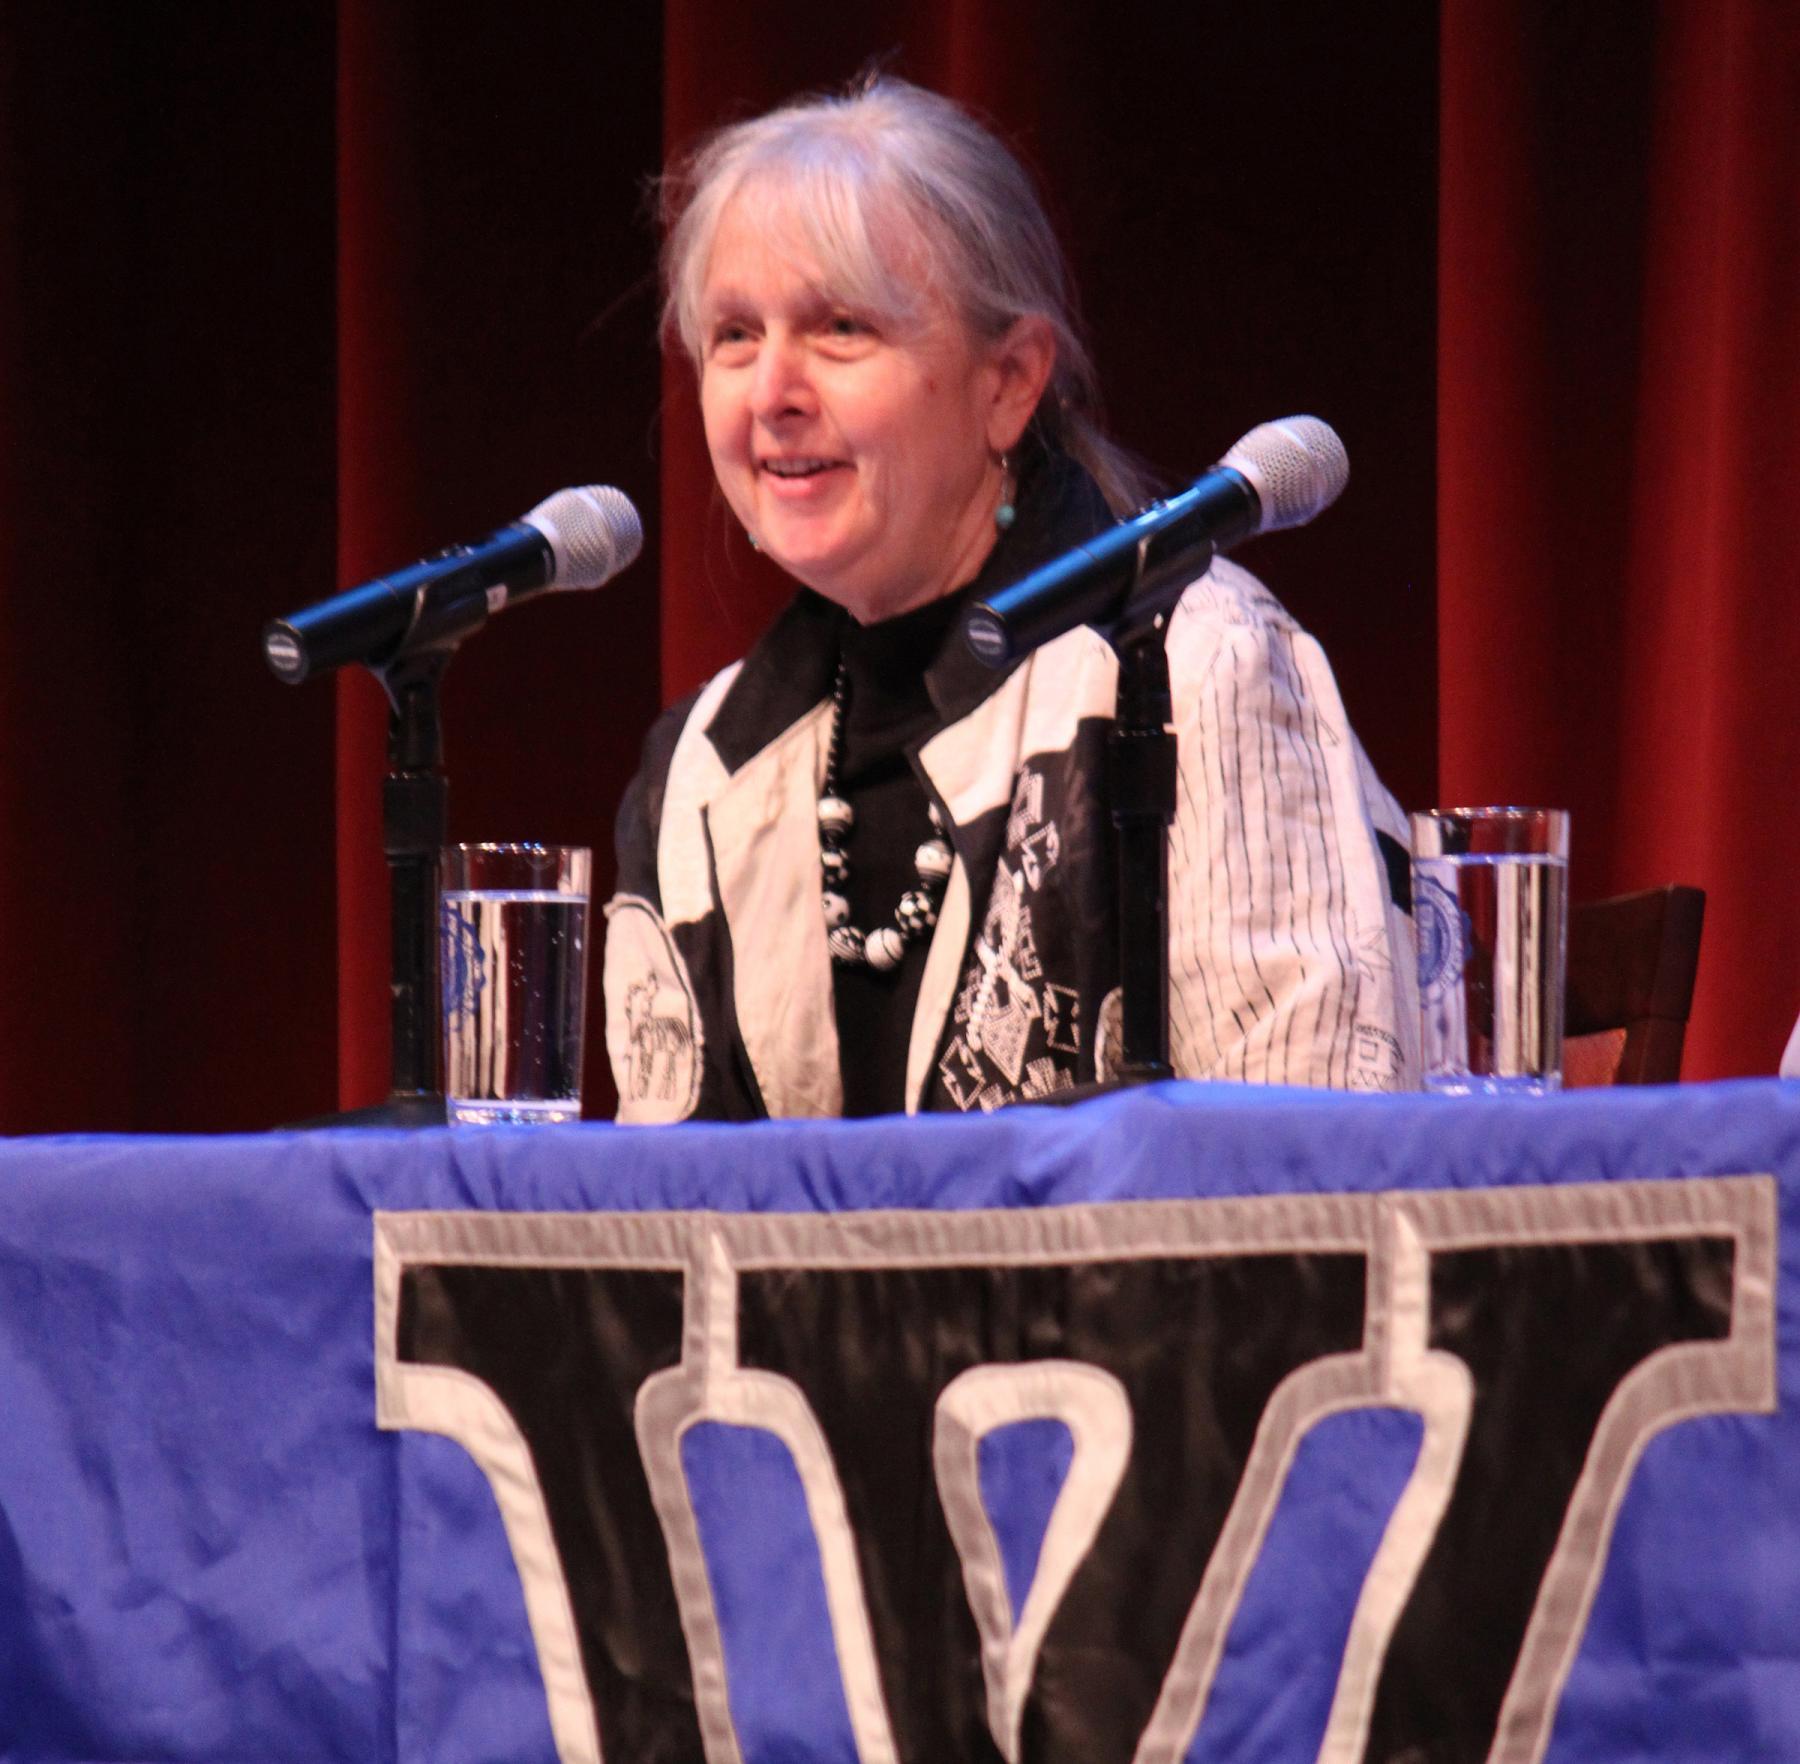 Melissa Ludtke speaking at her alma mater, Wellesley College. (Alex Hatem)